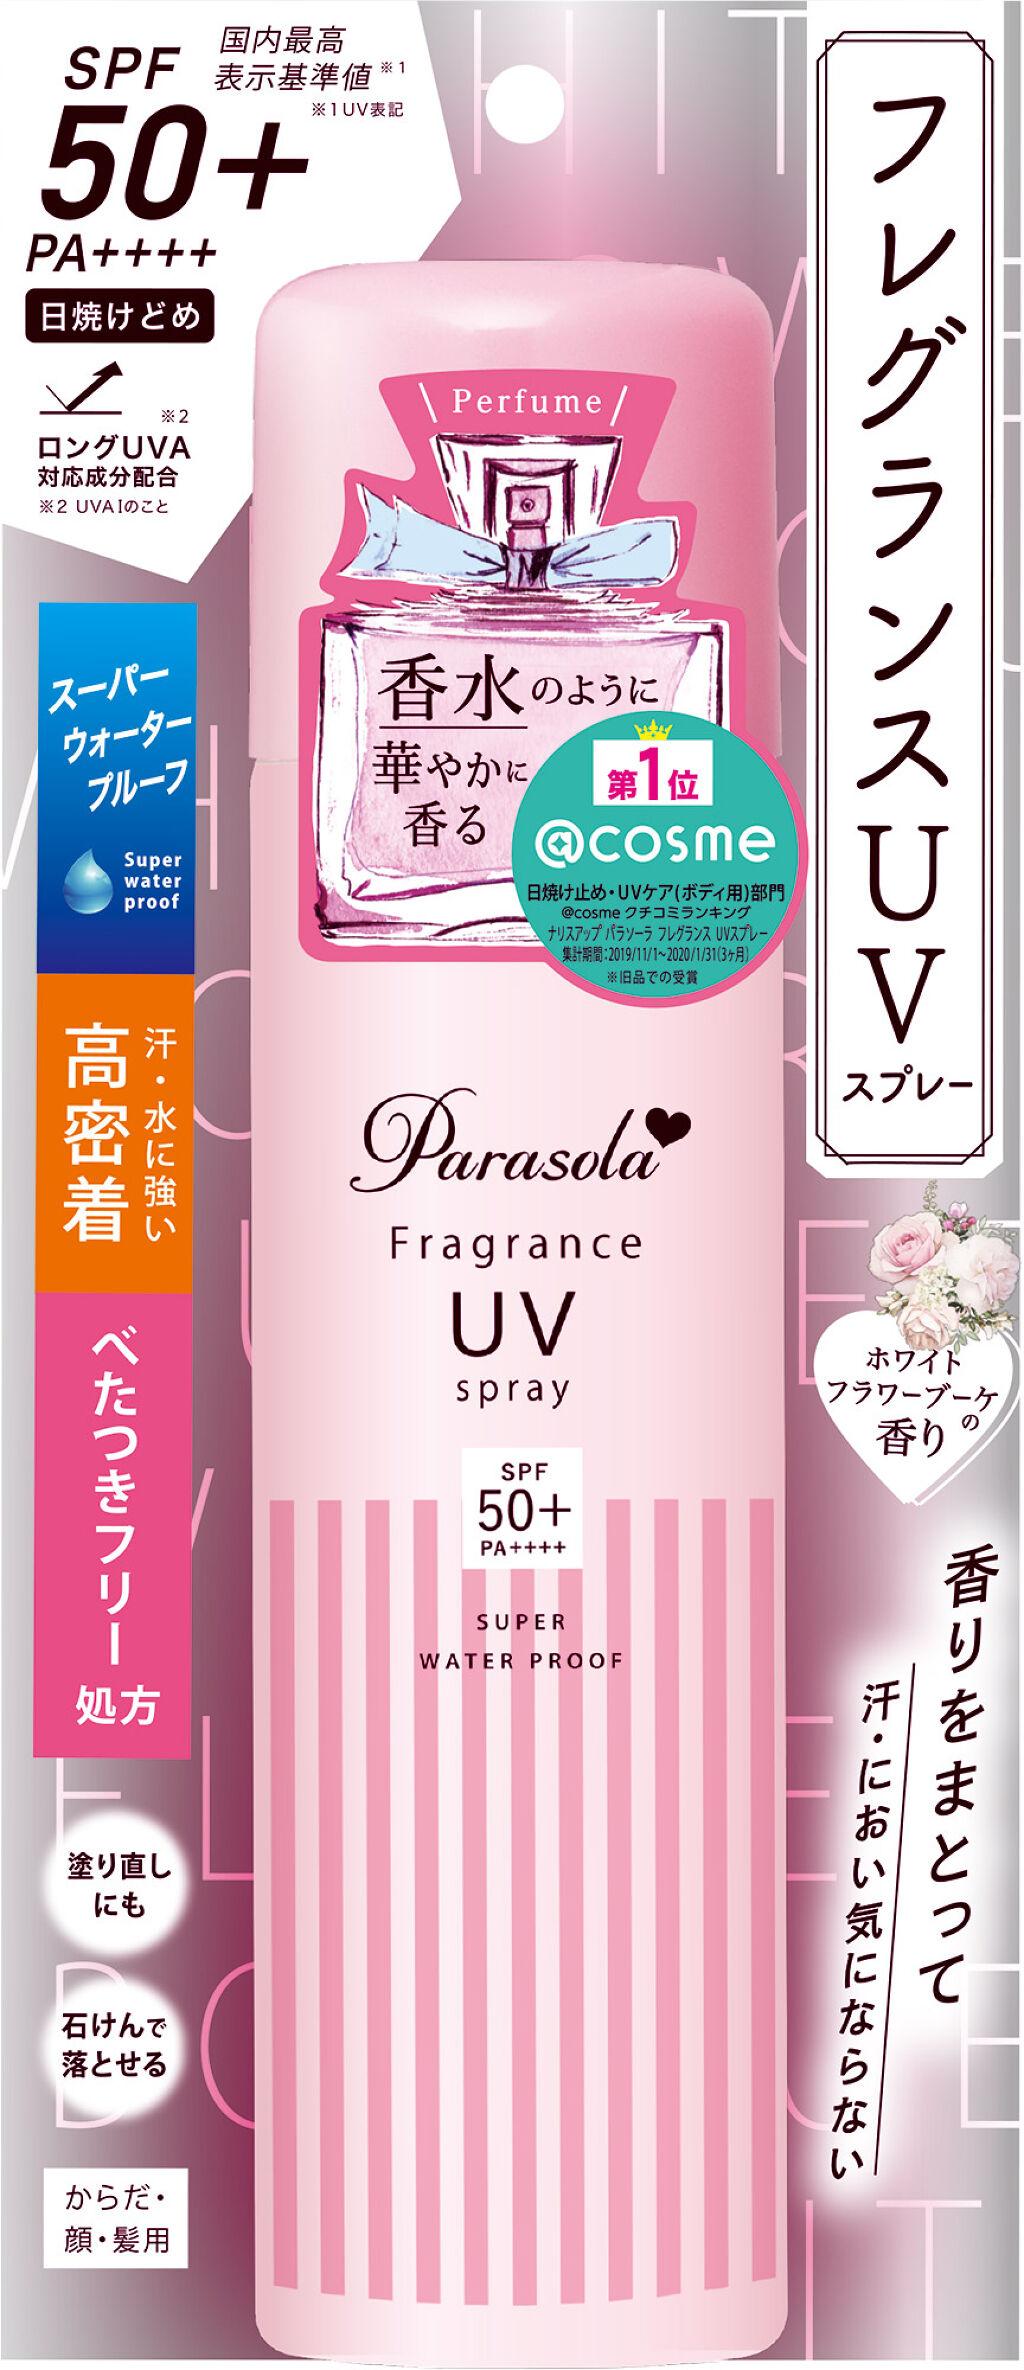 香水みたいな華やかな香り×しっかりUVカット!ホワイトフラワーブーケの香りつきの機能派UVスプレー(2枚目)